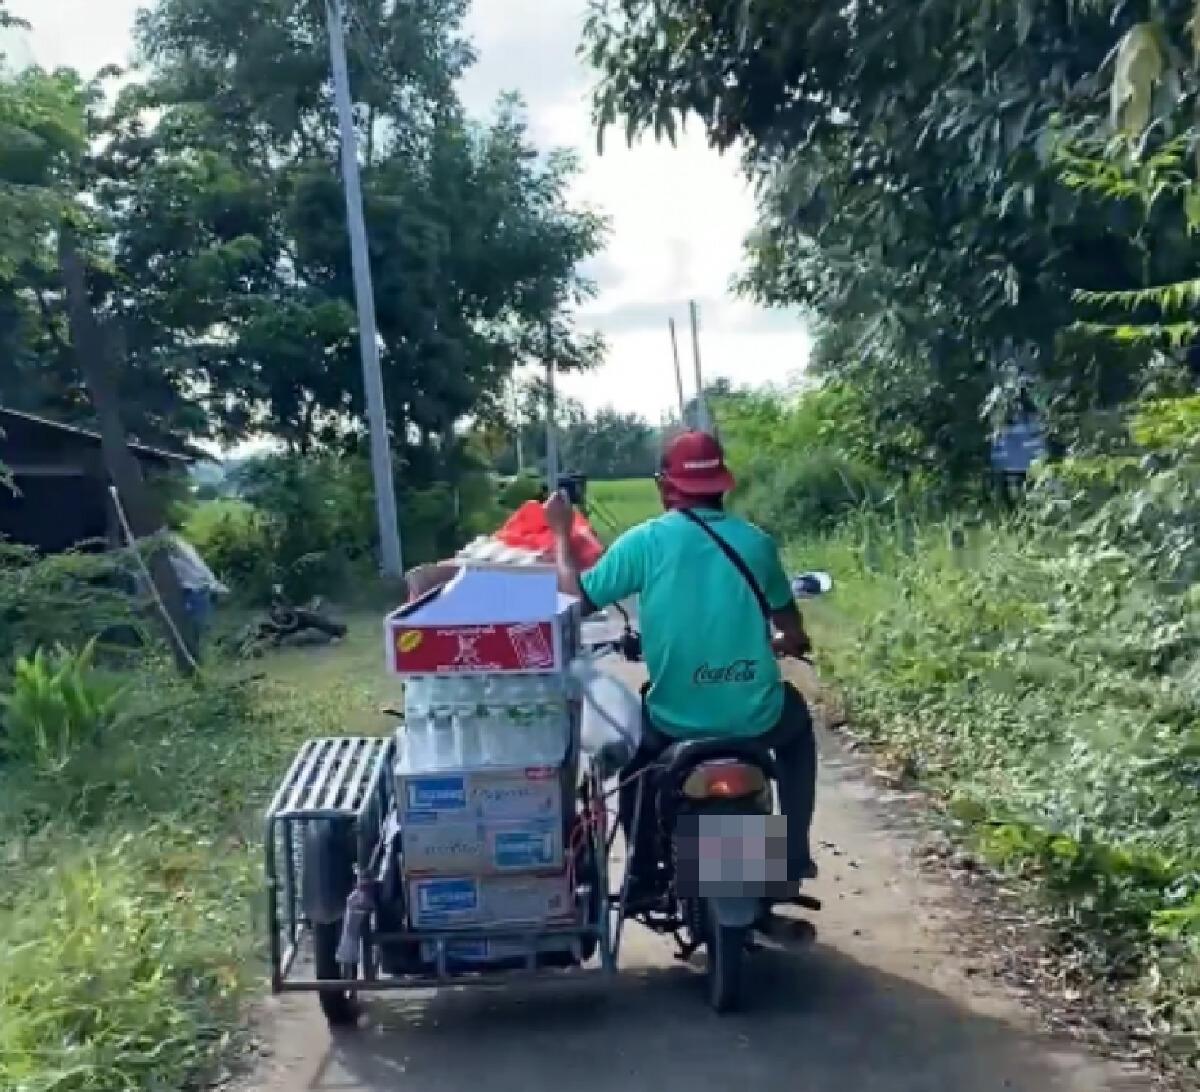 หนุ่มดวงเฮง ถูกหวย 48 ล้าน มุ่งมั่นทำความดี ช่วยเหลือคนยากจน